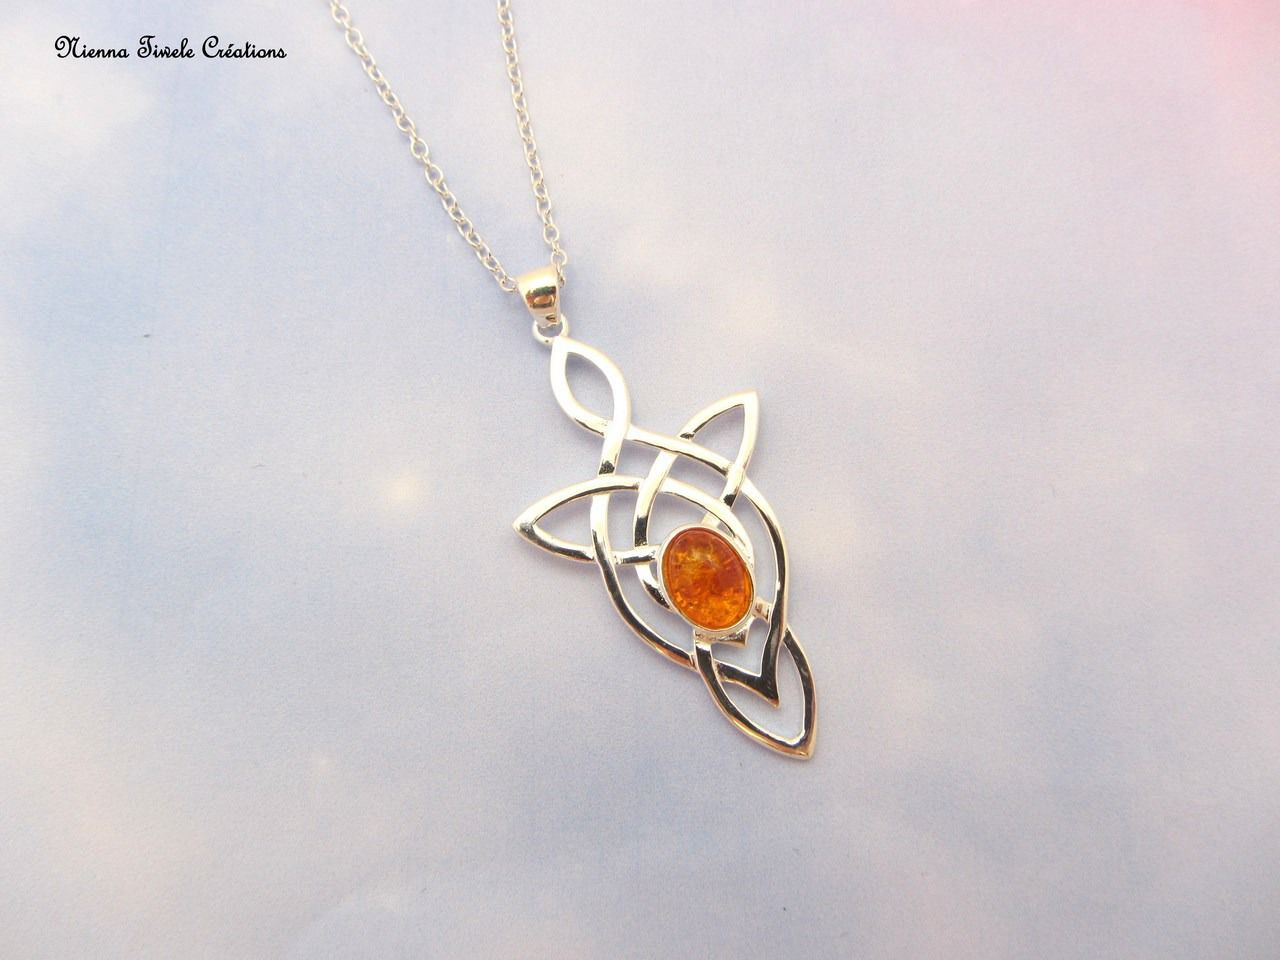 Collier celtique, elfique, en argent et véritable pierre semi précieuse ambre : Collier par niennatiwele